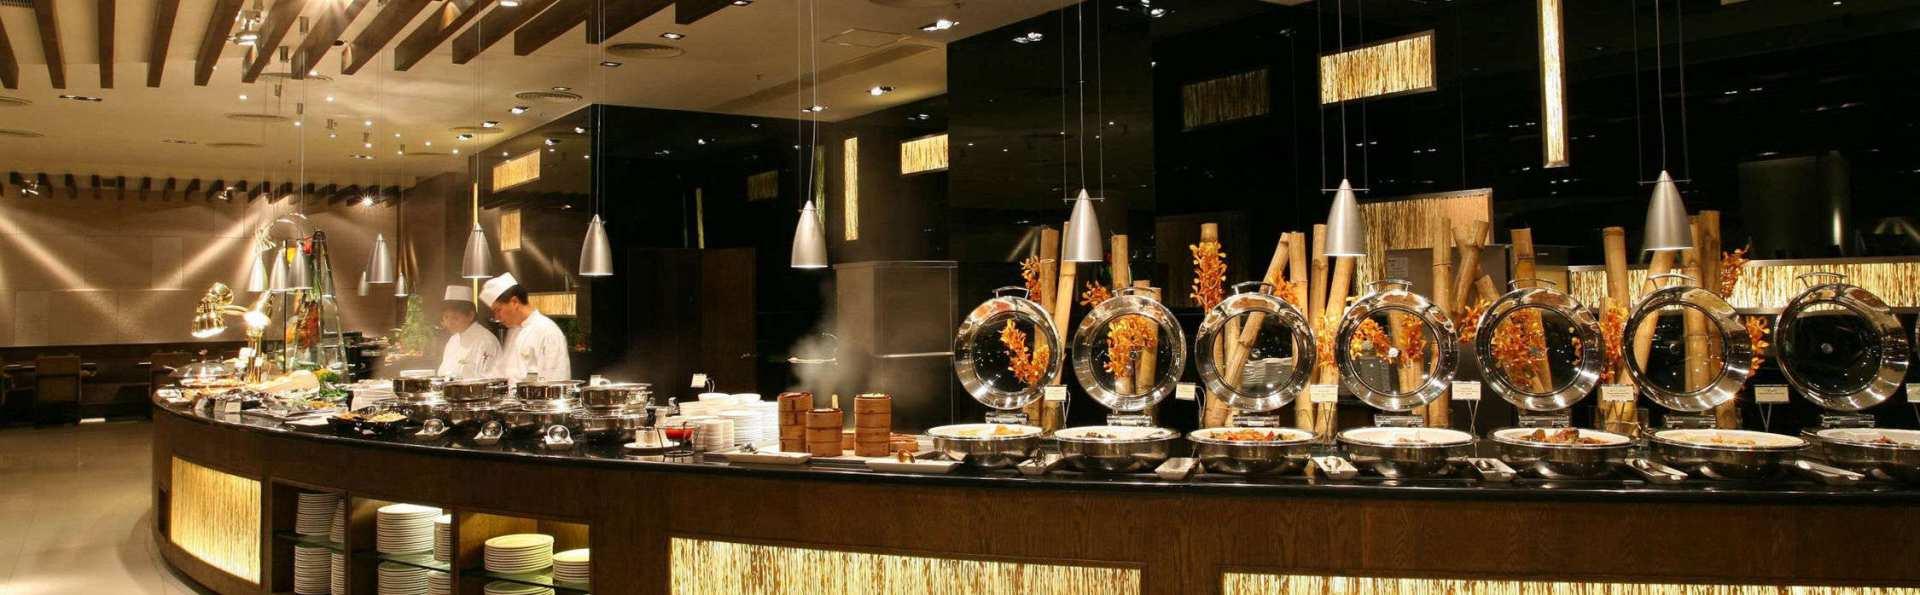 【ザ・ベネチアン・マカオ】レストランBAMBU(渢竹)ランチビュッフェ・ディナービュッフェ:お食事チケット